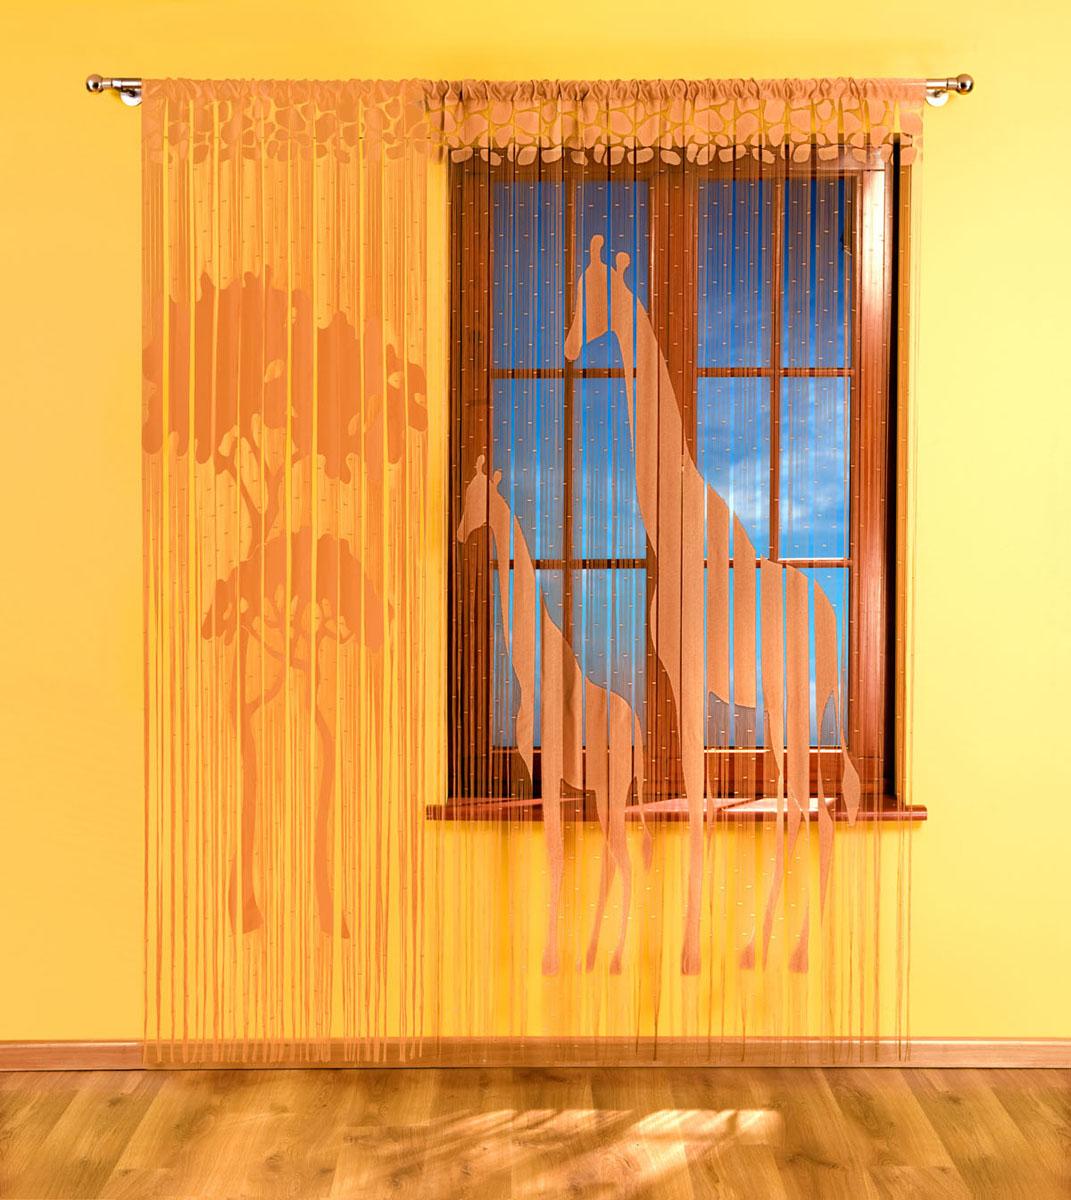 Гардина-лапша Жираф, на кулиске, цвет: кофе, высота 240 см734870Воздушная гардина-лапша Жираф, изготовленная из полиэстера кофейного цвета, станет великолепным украшением любого окна. Тонкое плетение, оригинальный принт, приятная цветовая гамма привлекут к себе внимание и органично впишется в интерьер комнаты. Верхняя часть гардины оснащена кулиской для крепления на круглый карниз.